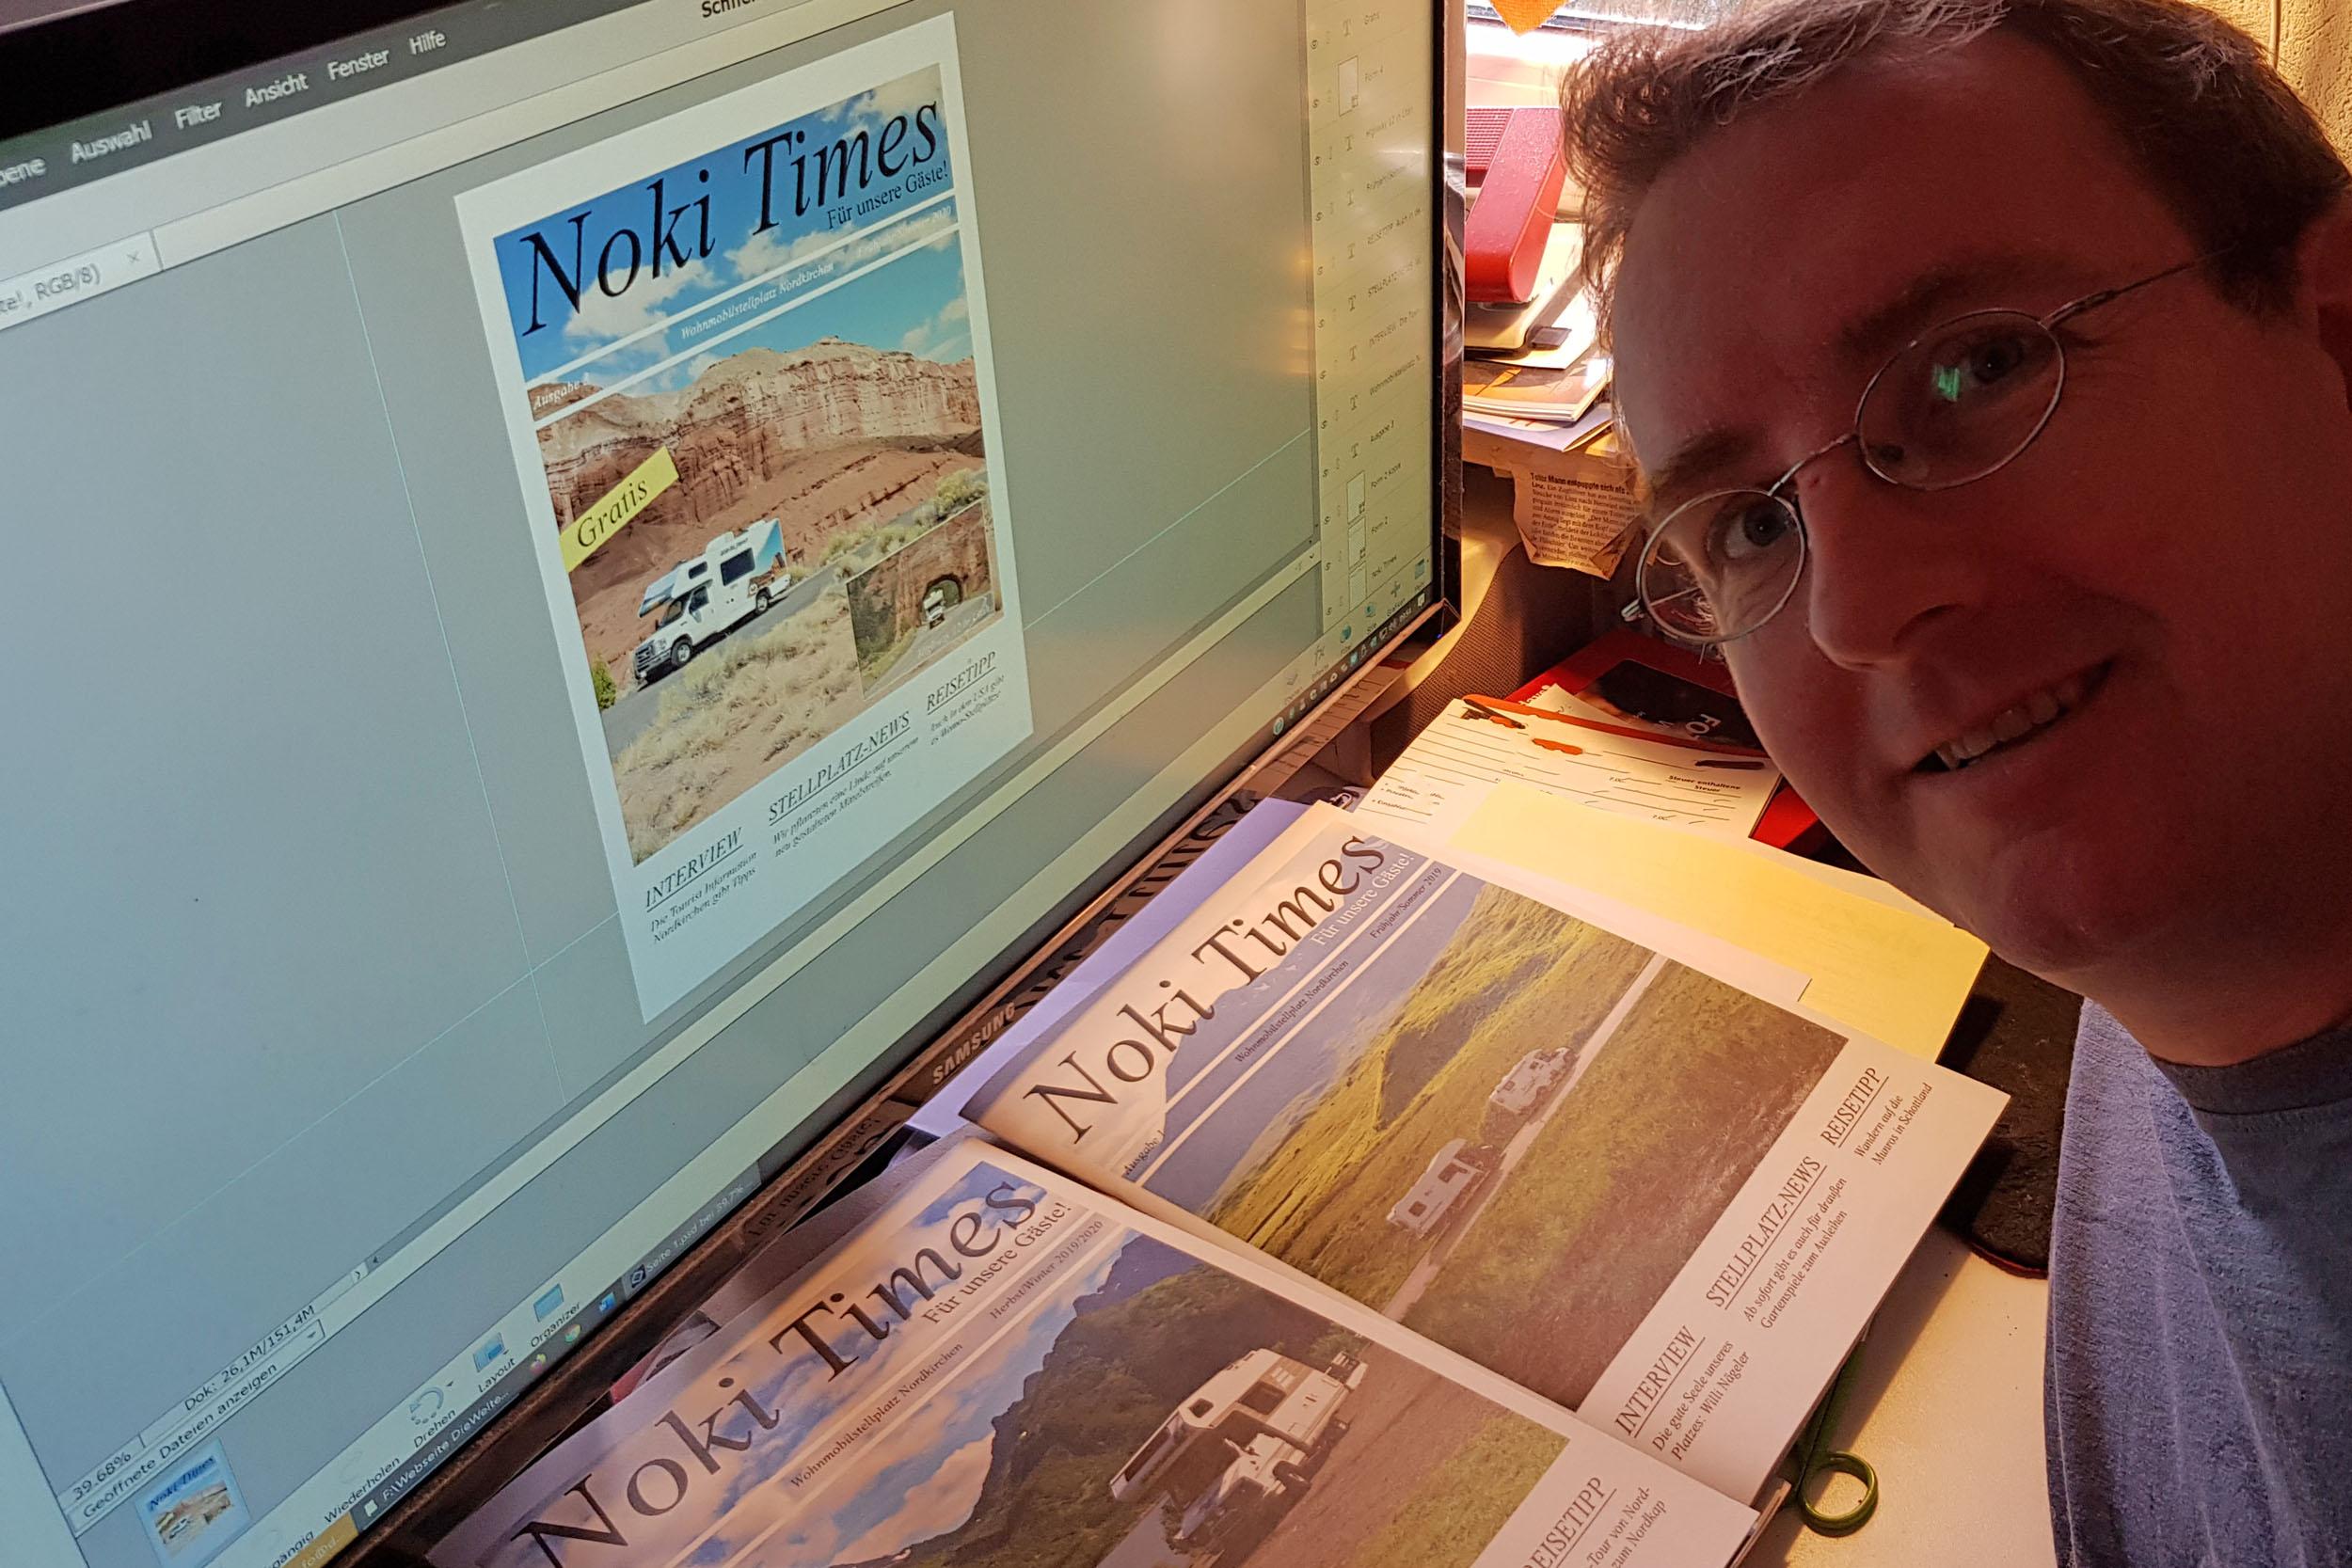 Bei der Erstellung der Noki Times